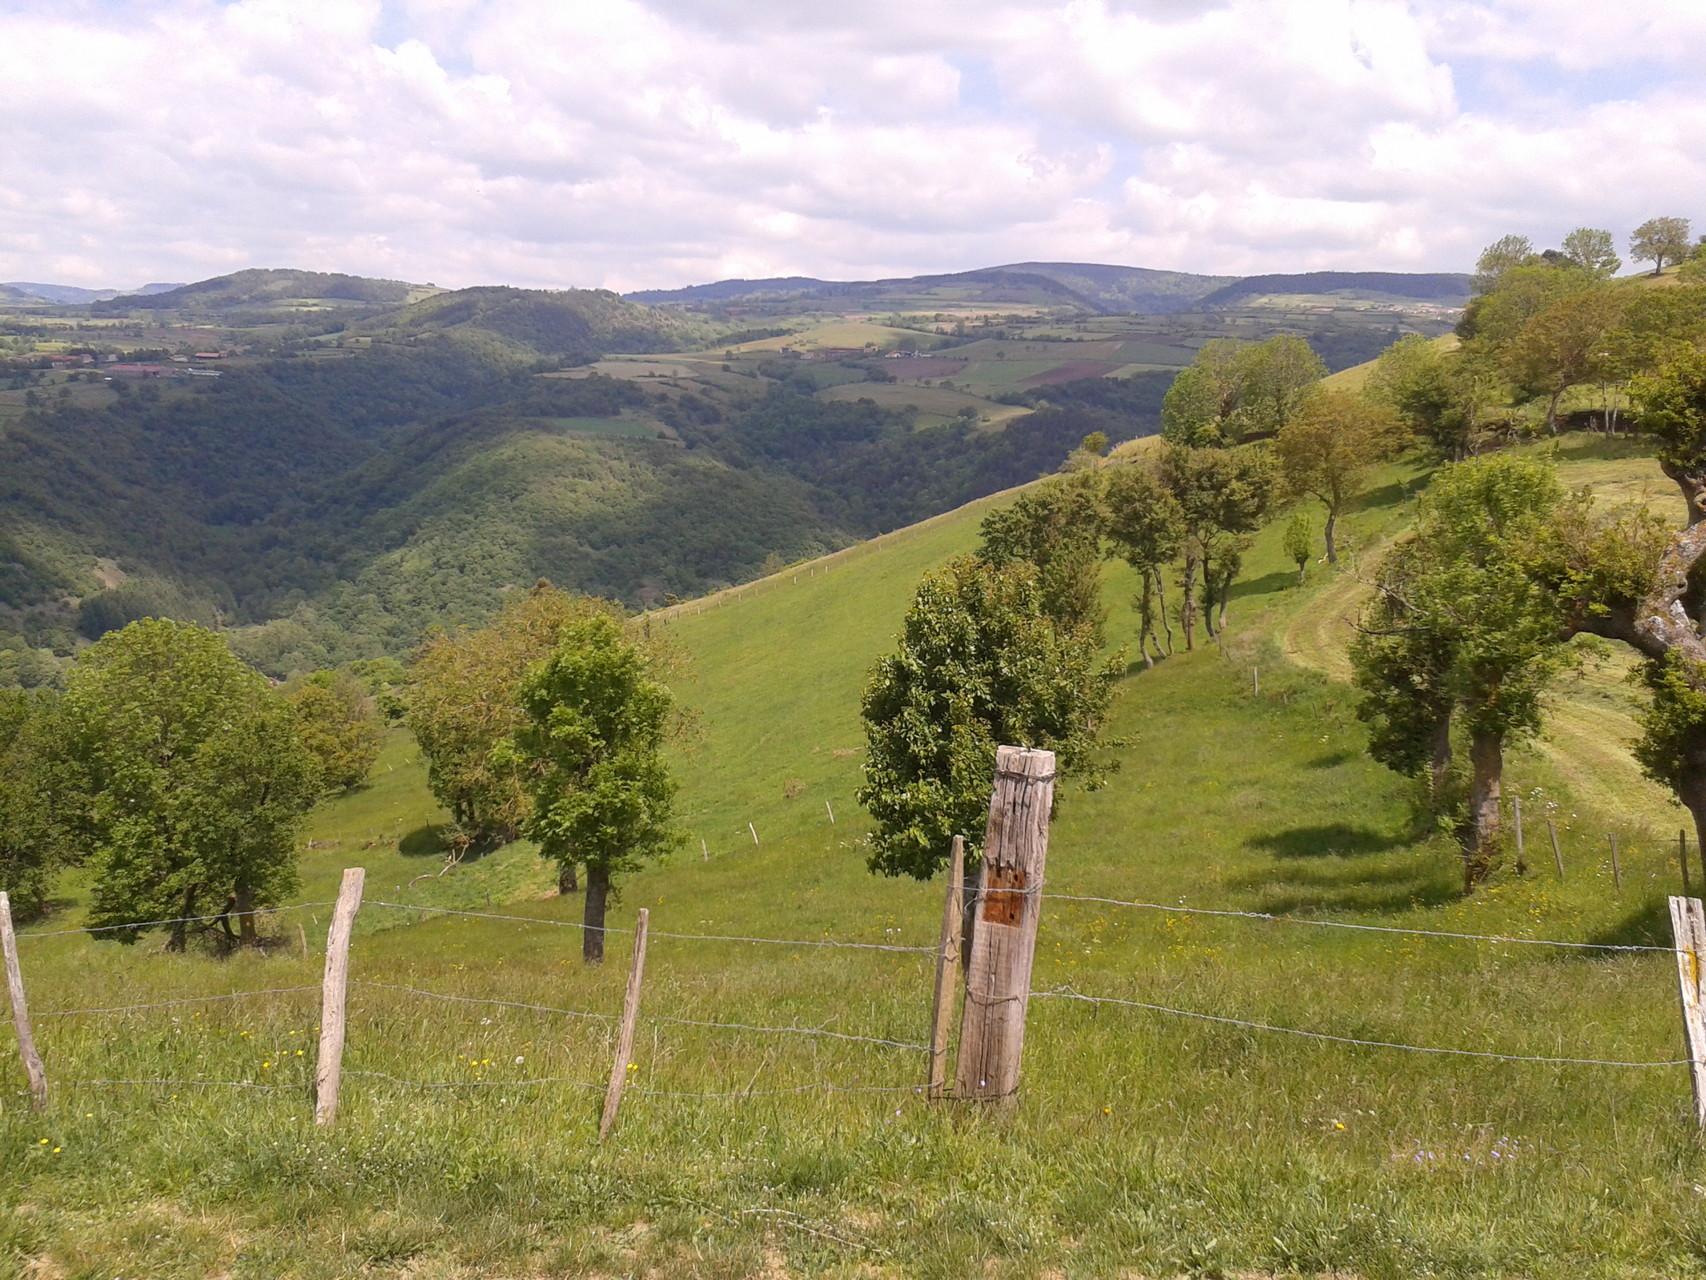 La vallée de L' Allier, Hébergement dans les gorges de l'Allier, Saugues, Auvergne